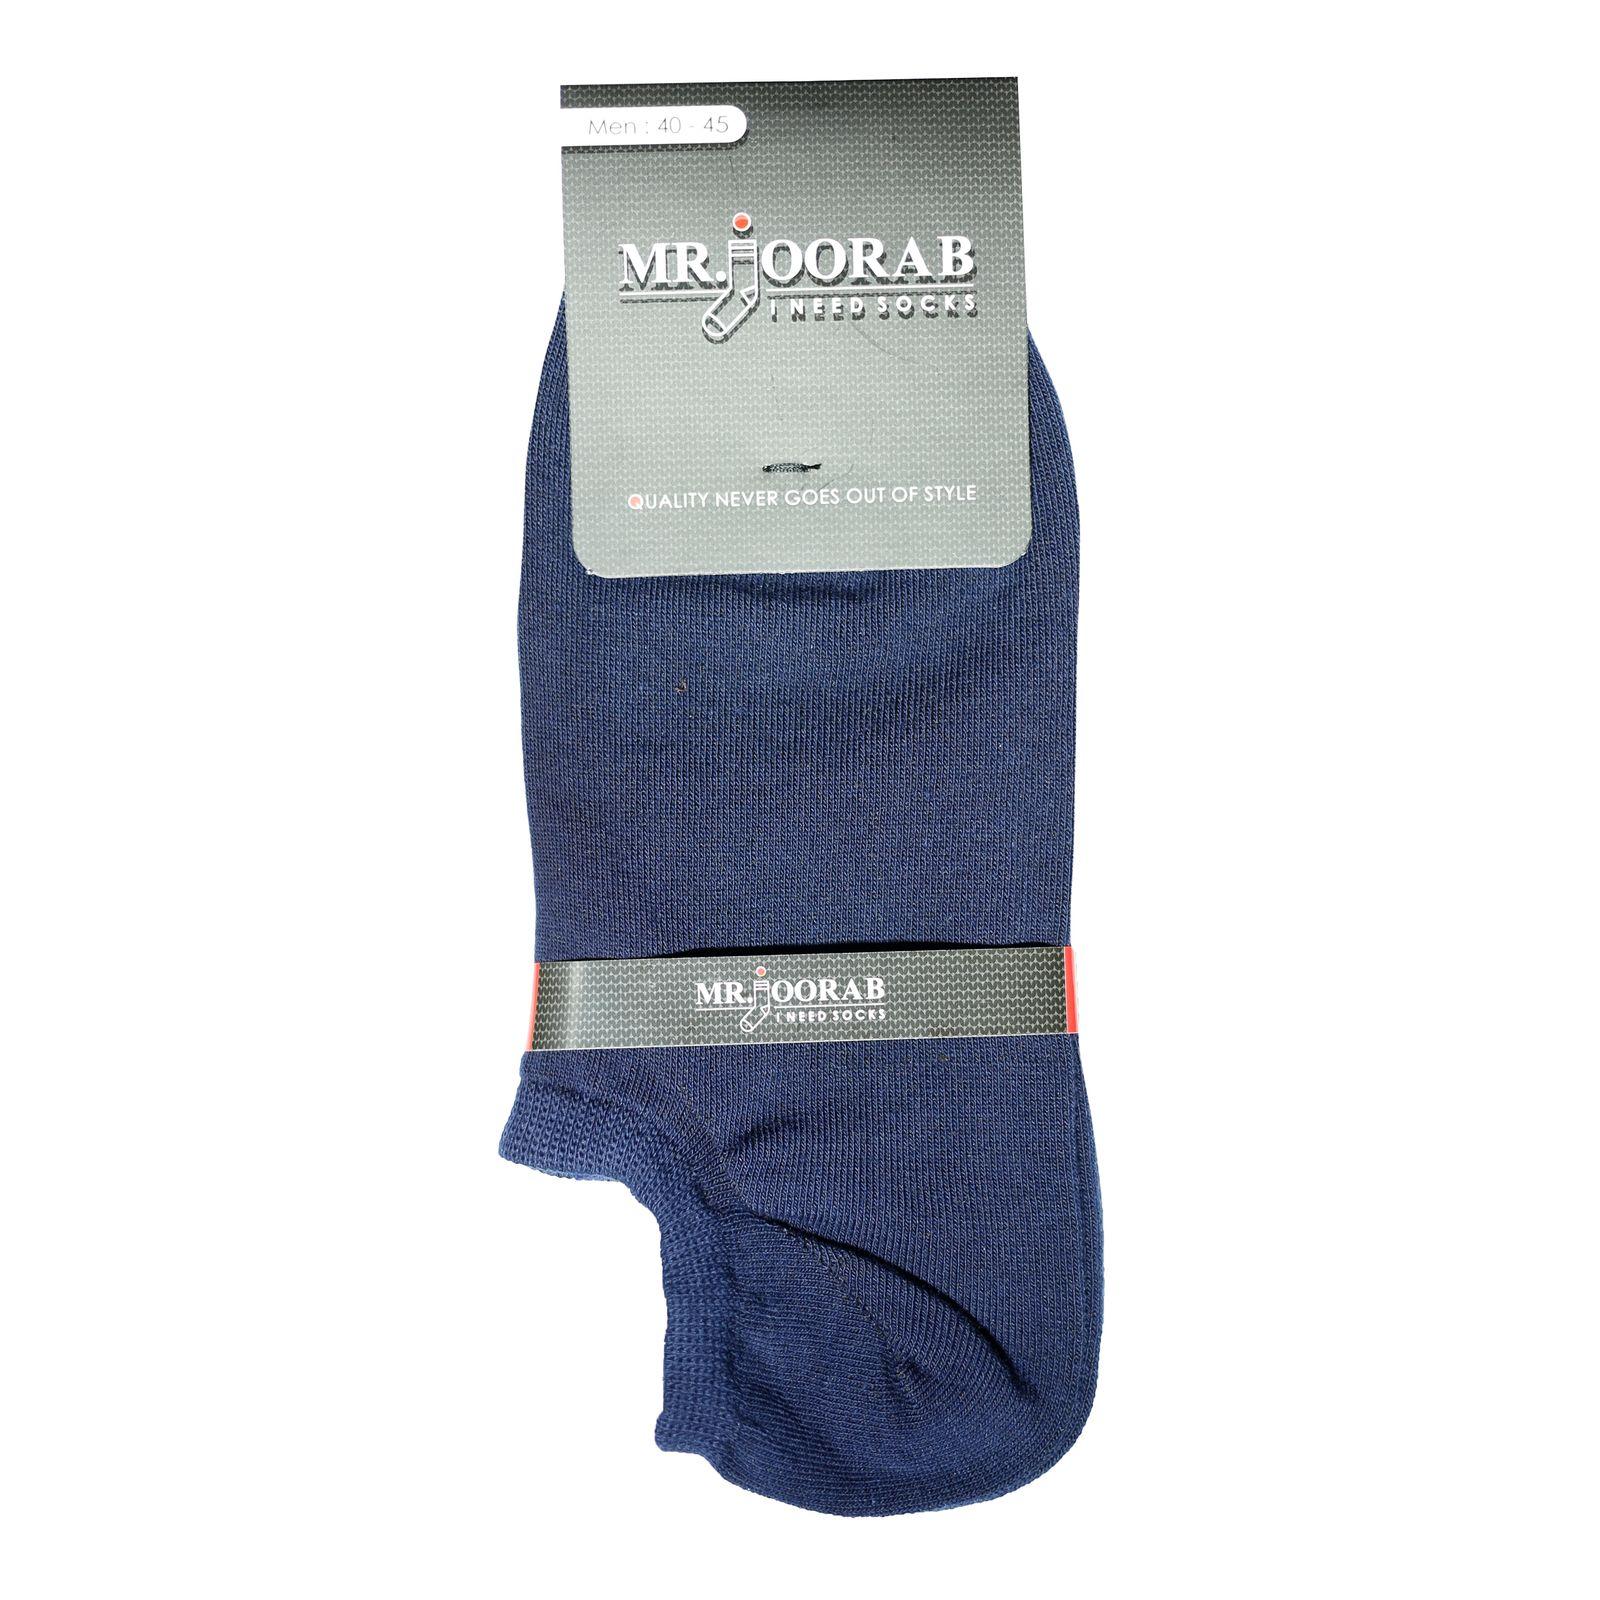 جوراب مردانه مستر جوراب کد BL-MRM 110 بسته 6 عددی -  - 3